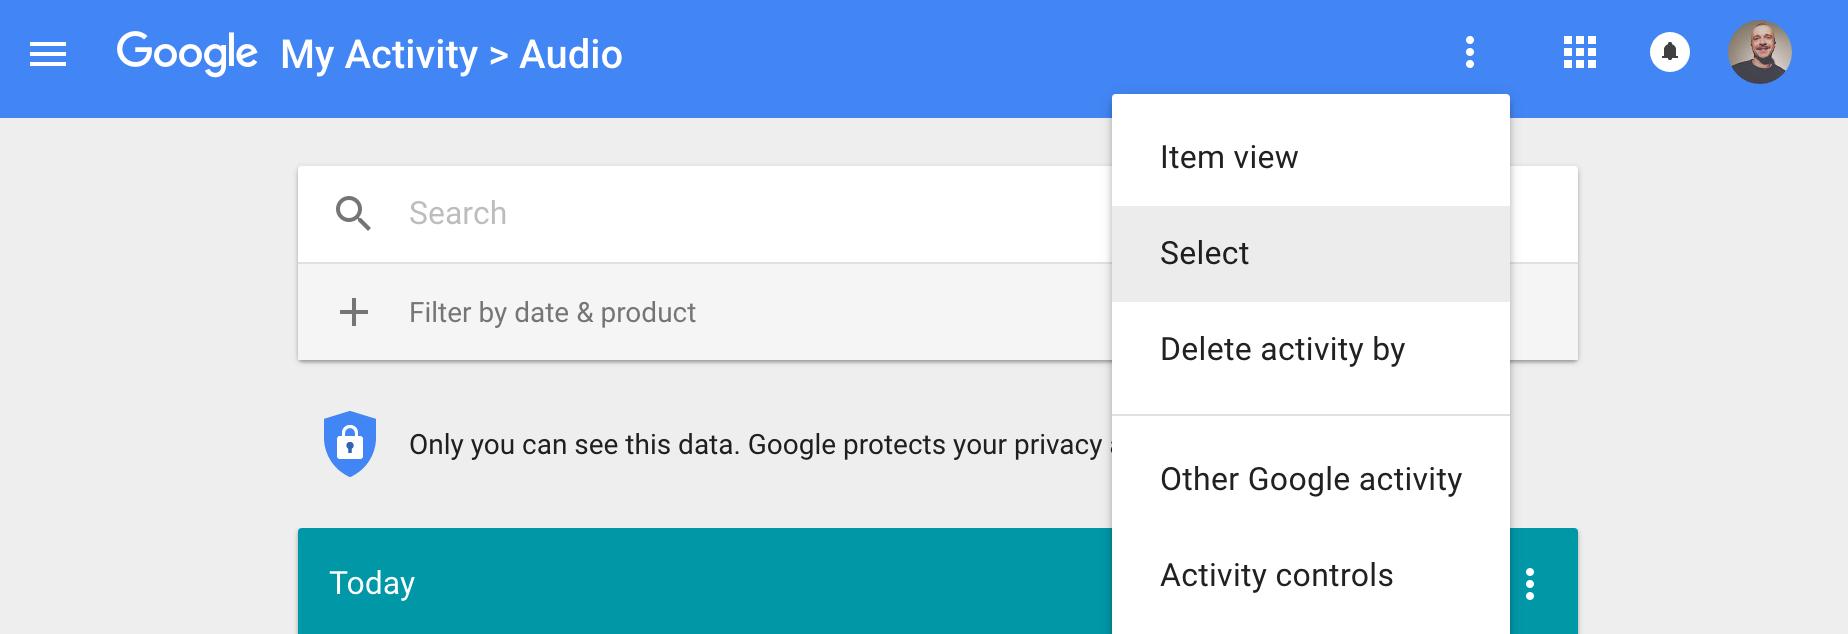 google activity audio